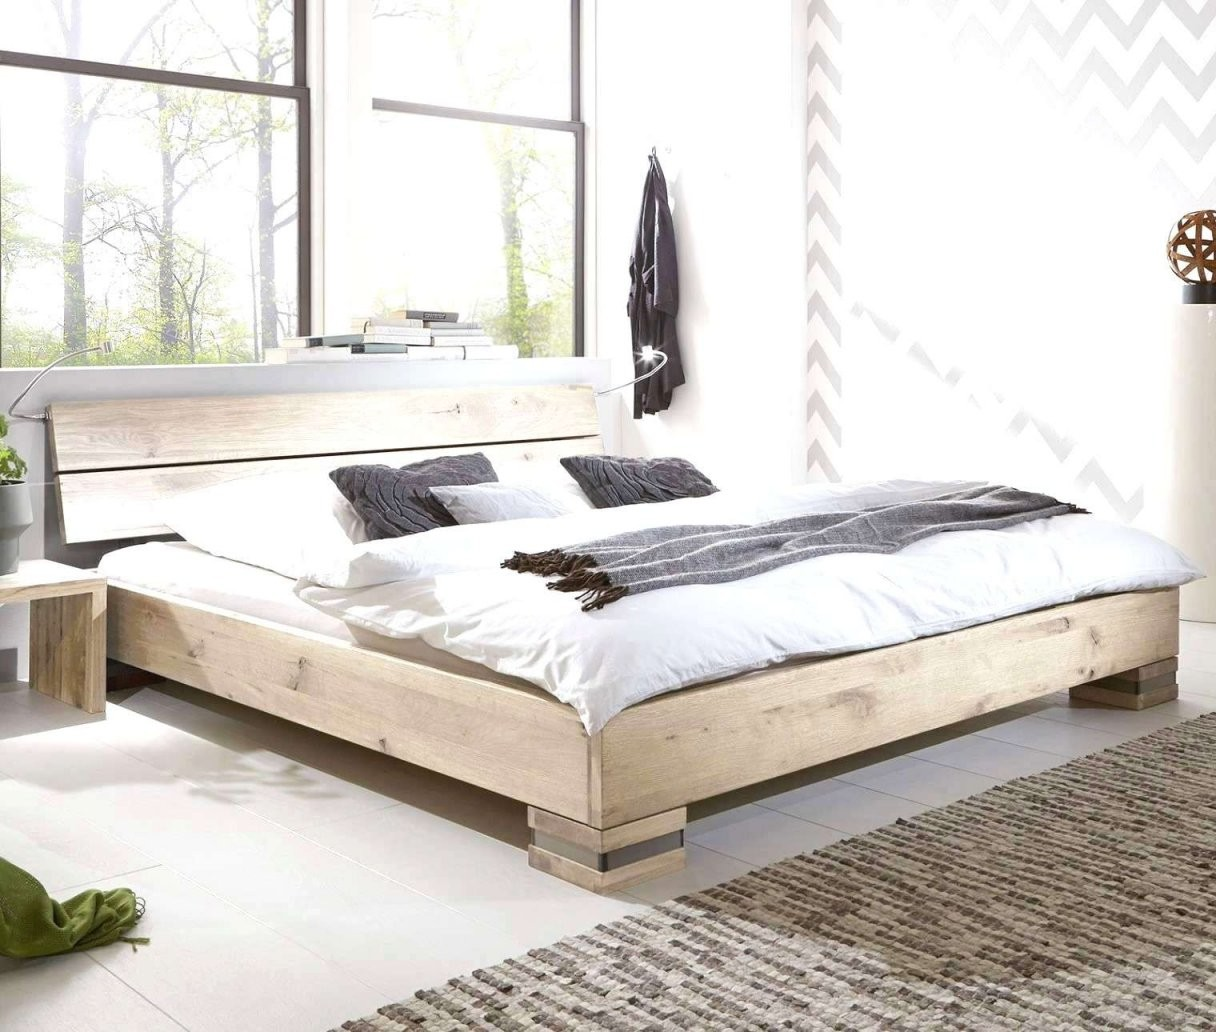 Betten Selber Bauen Podest Bett Aus Paletten Selber Bauen Schön von Podest Bett Aus Paletten Bild